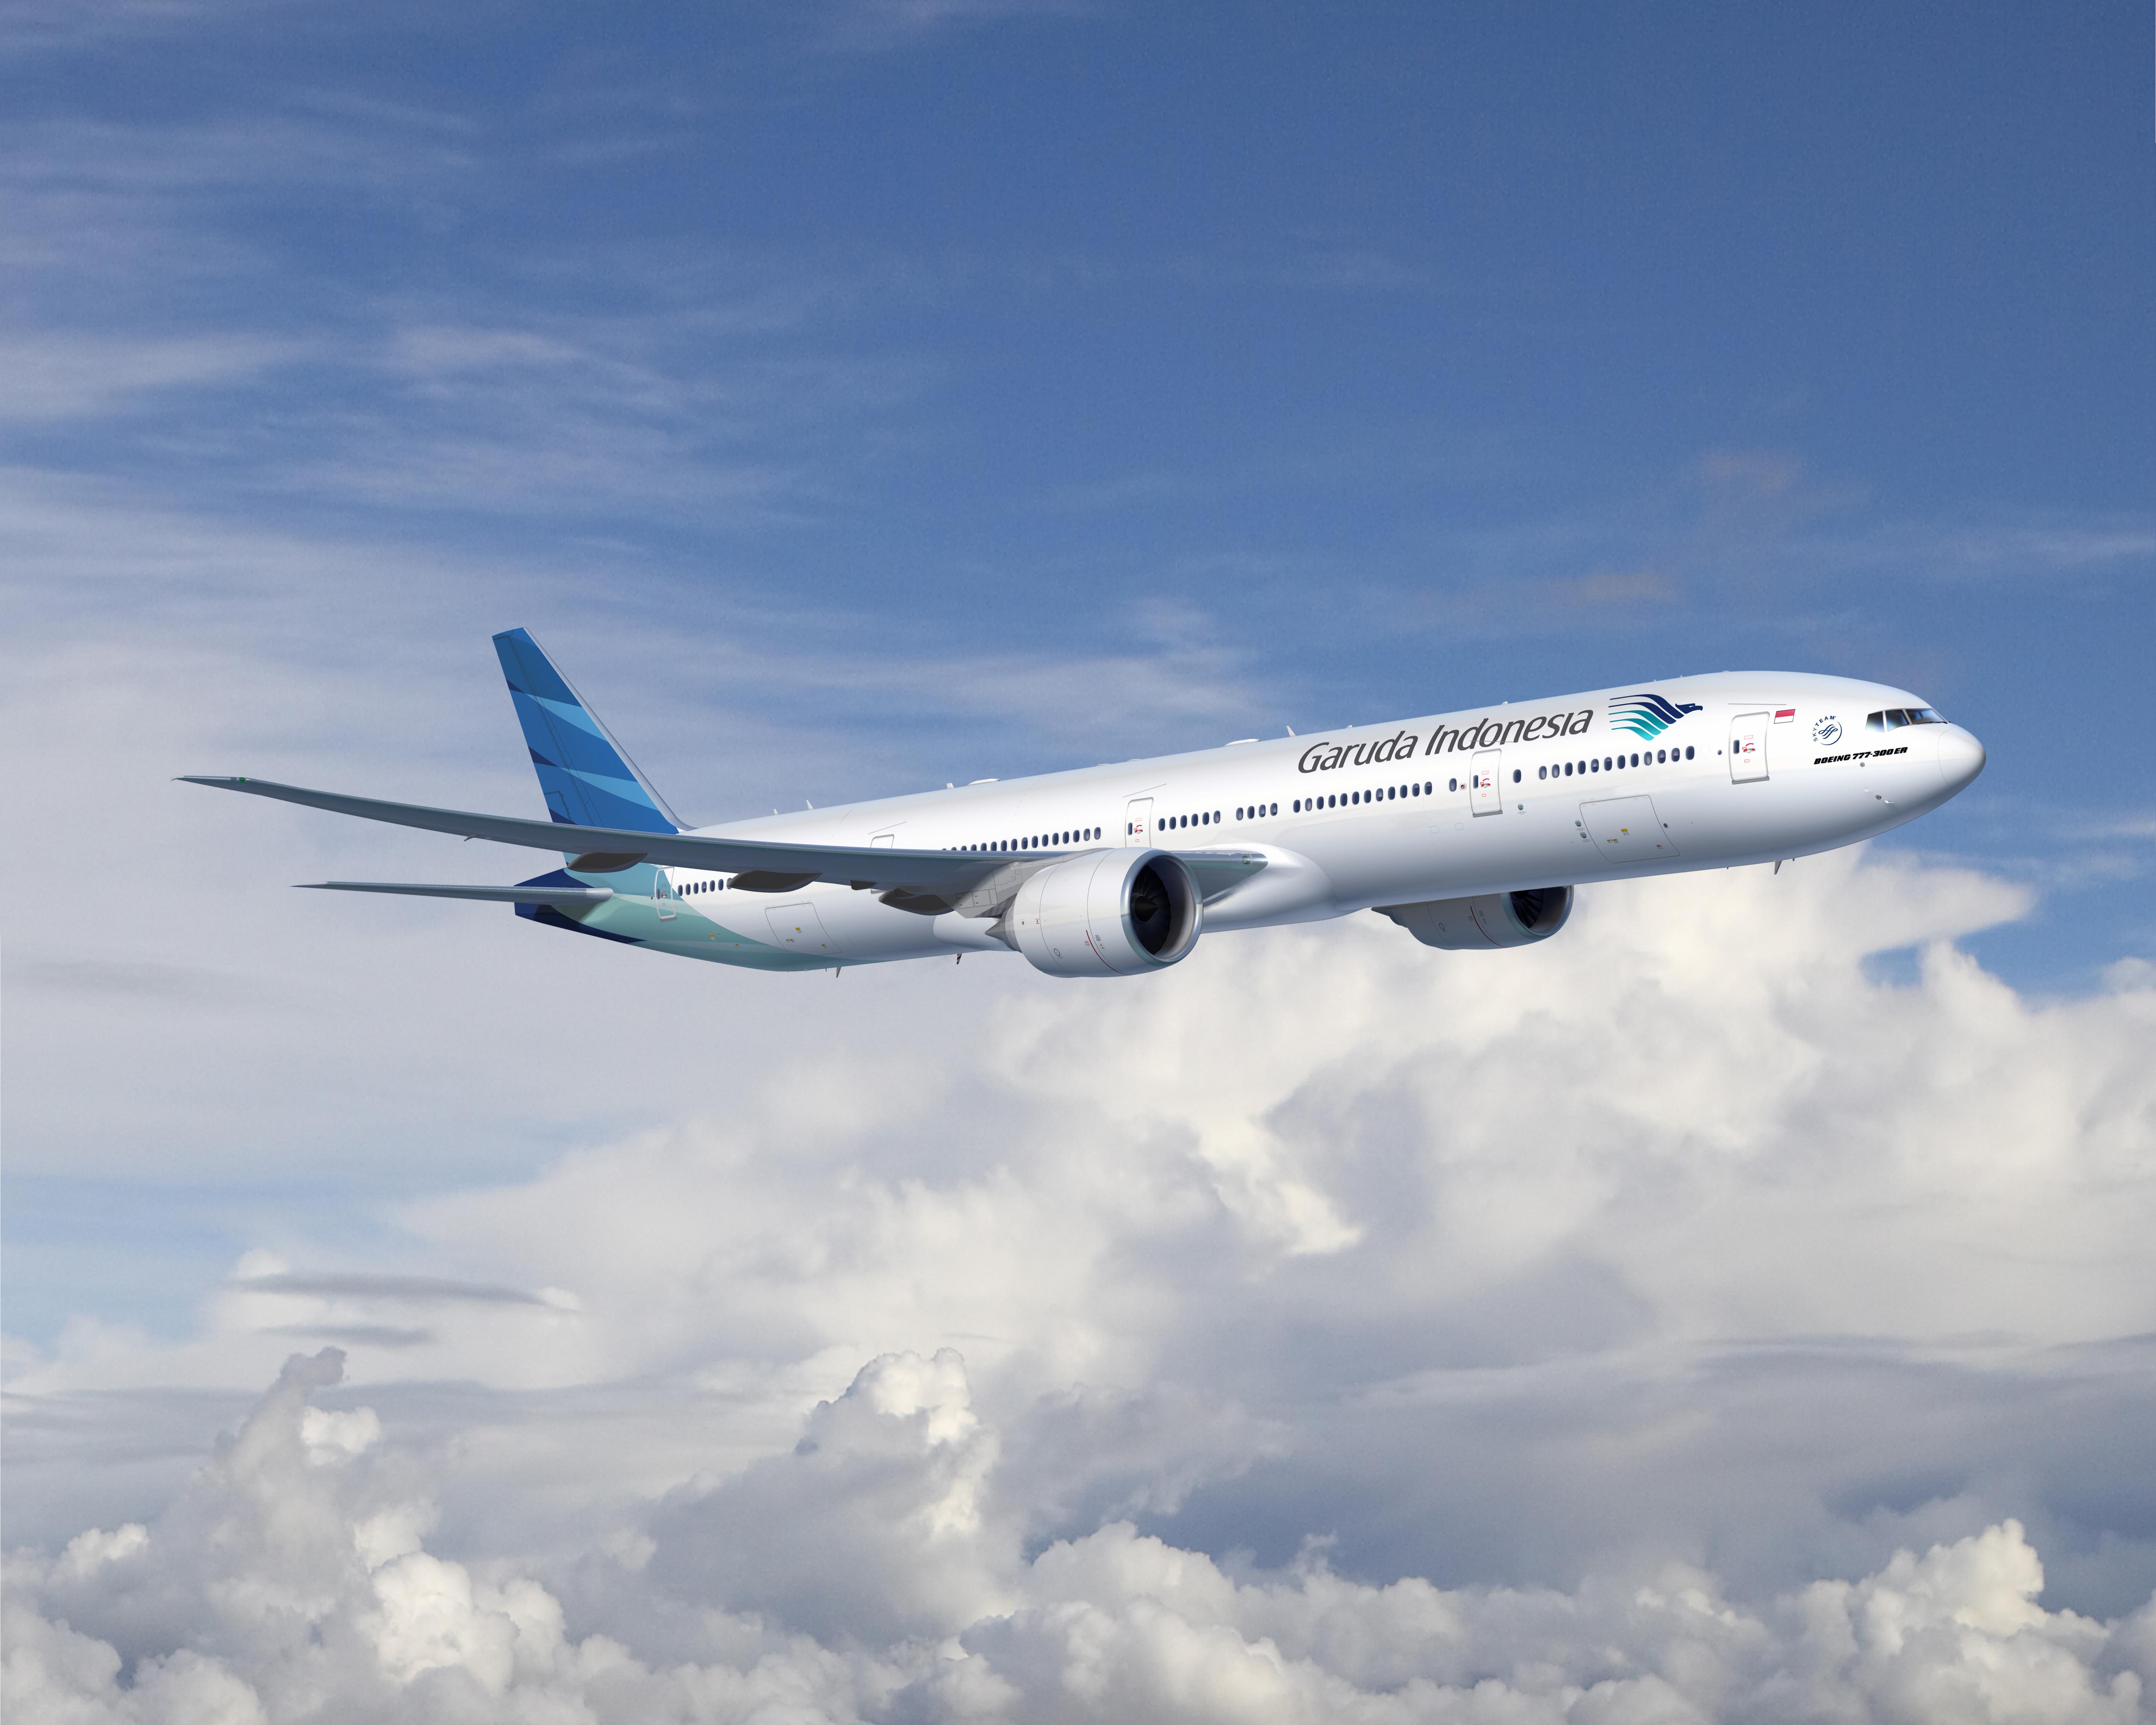 Garuda Indonesia Group Mulai Berlakukan Kebijakan Pemerintah Terkait Insentif Tiket Pesawat Aerowisata